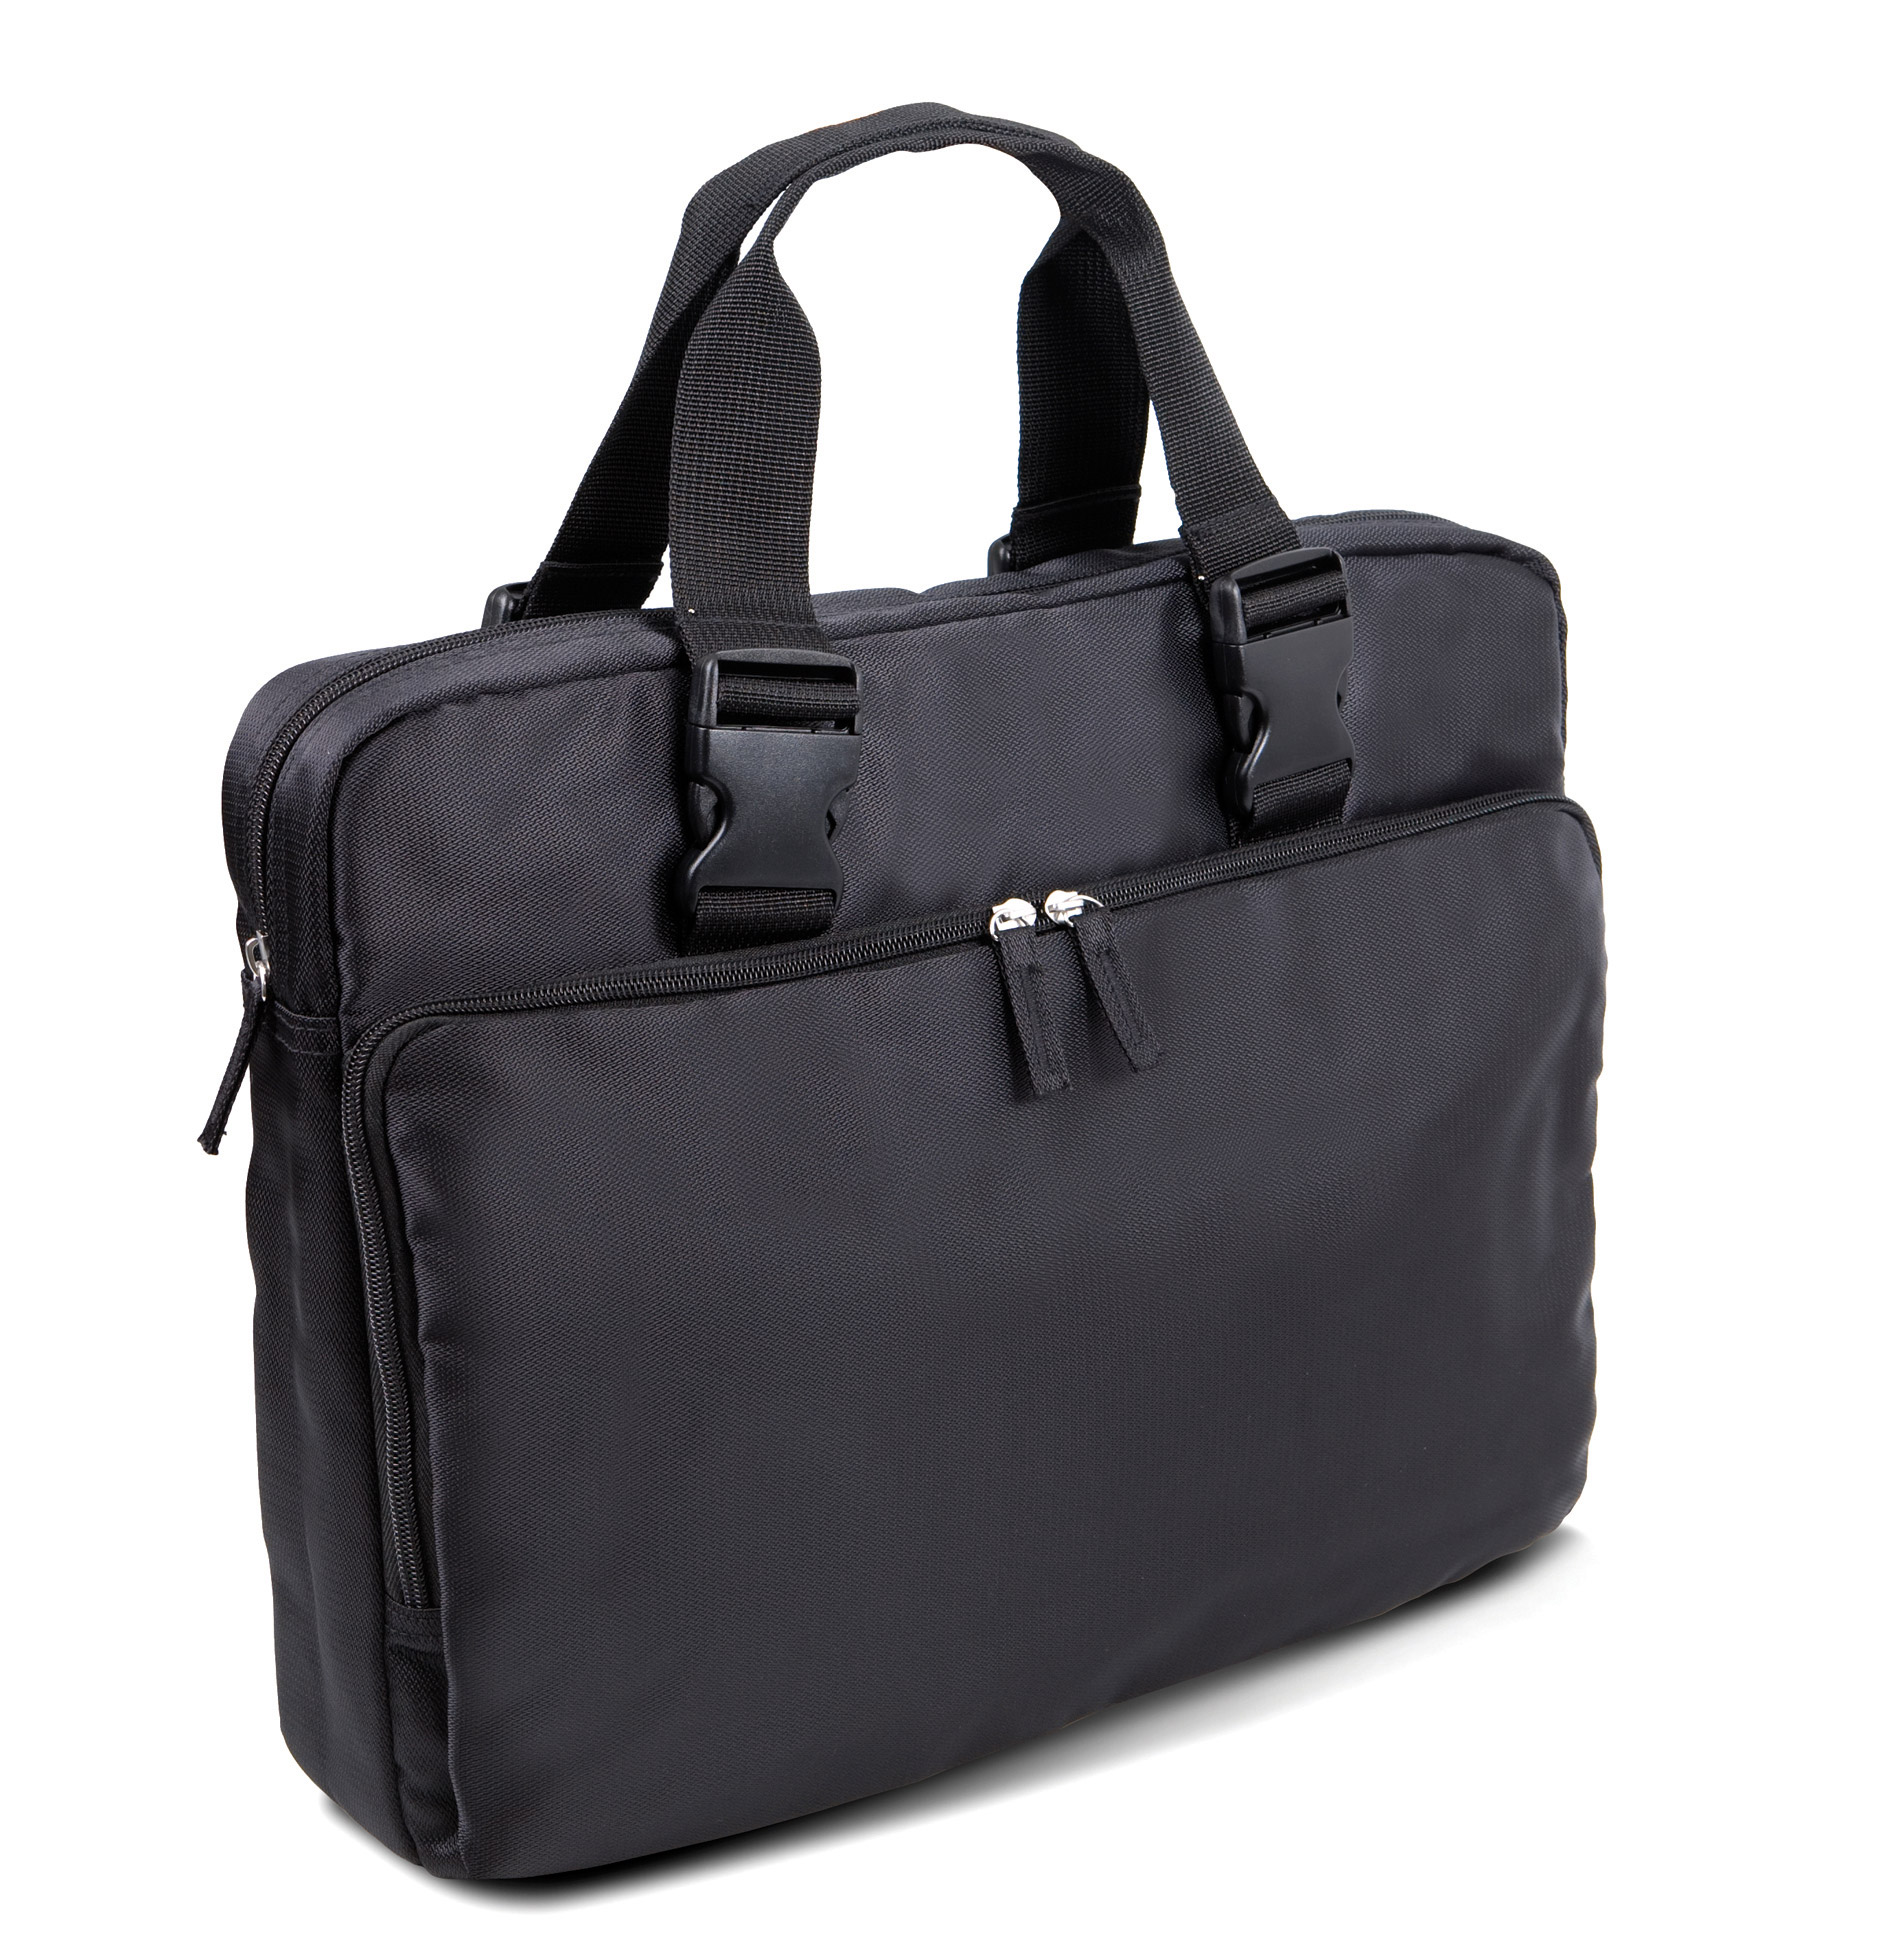 laptop/bag ki0401 zwart